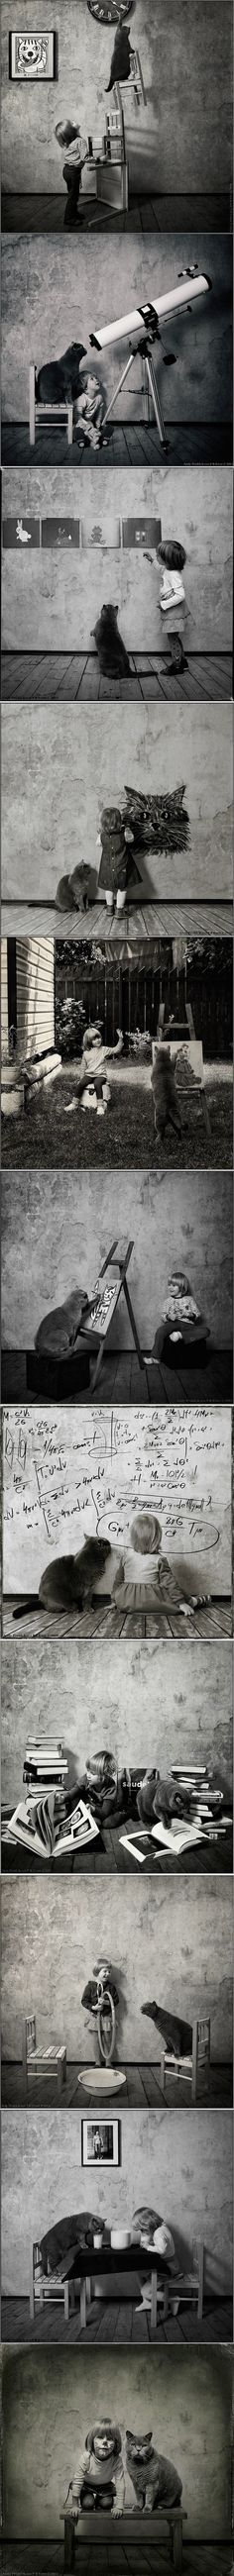 Belle amitié entre un enfant et son chat